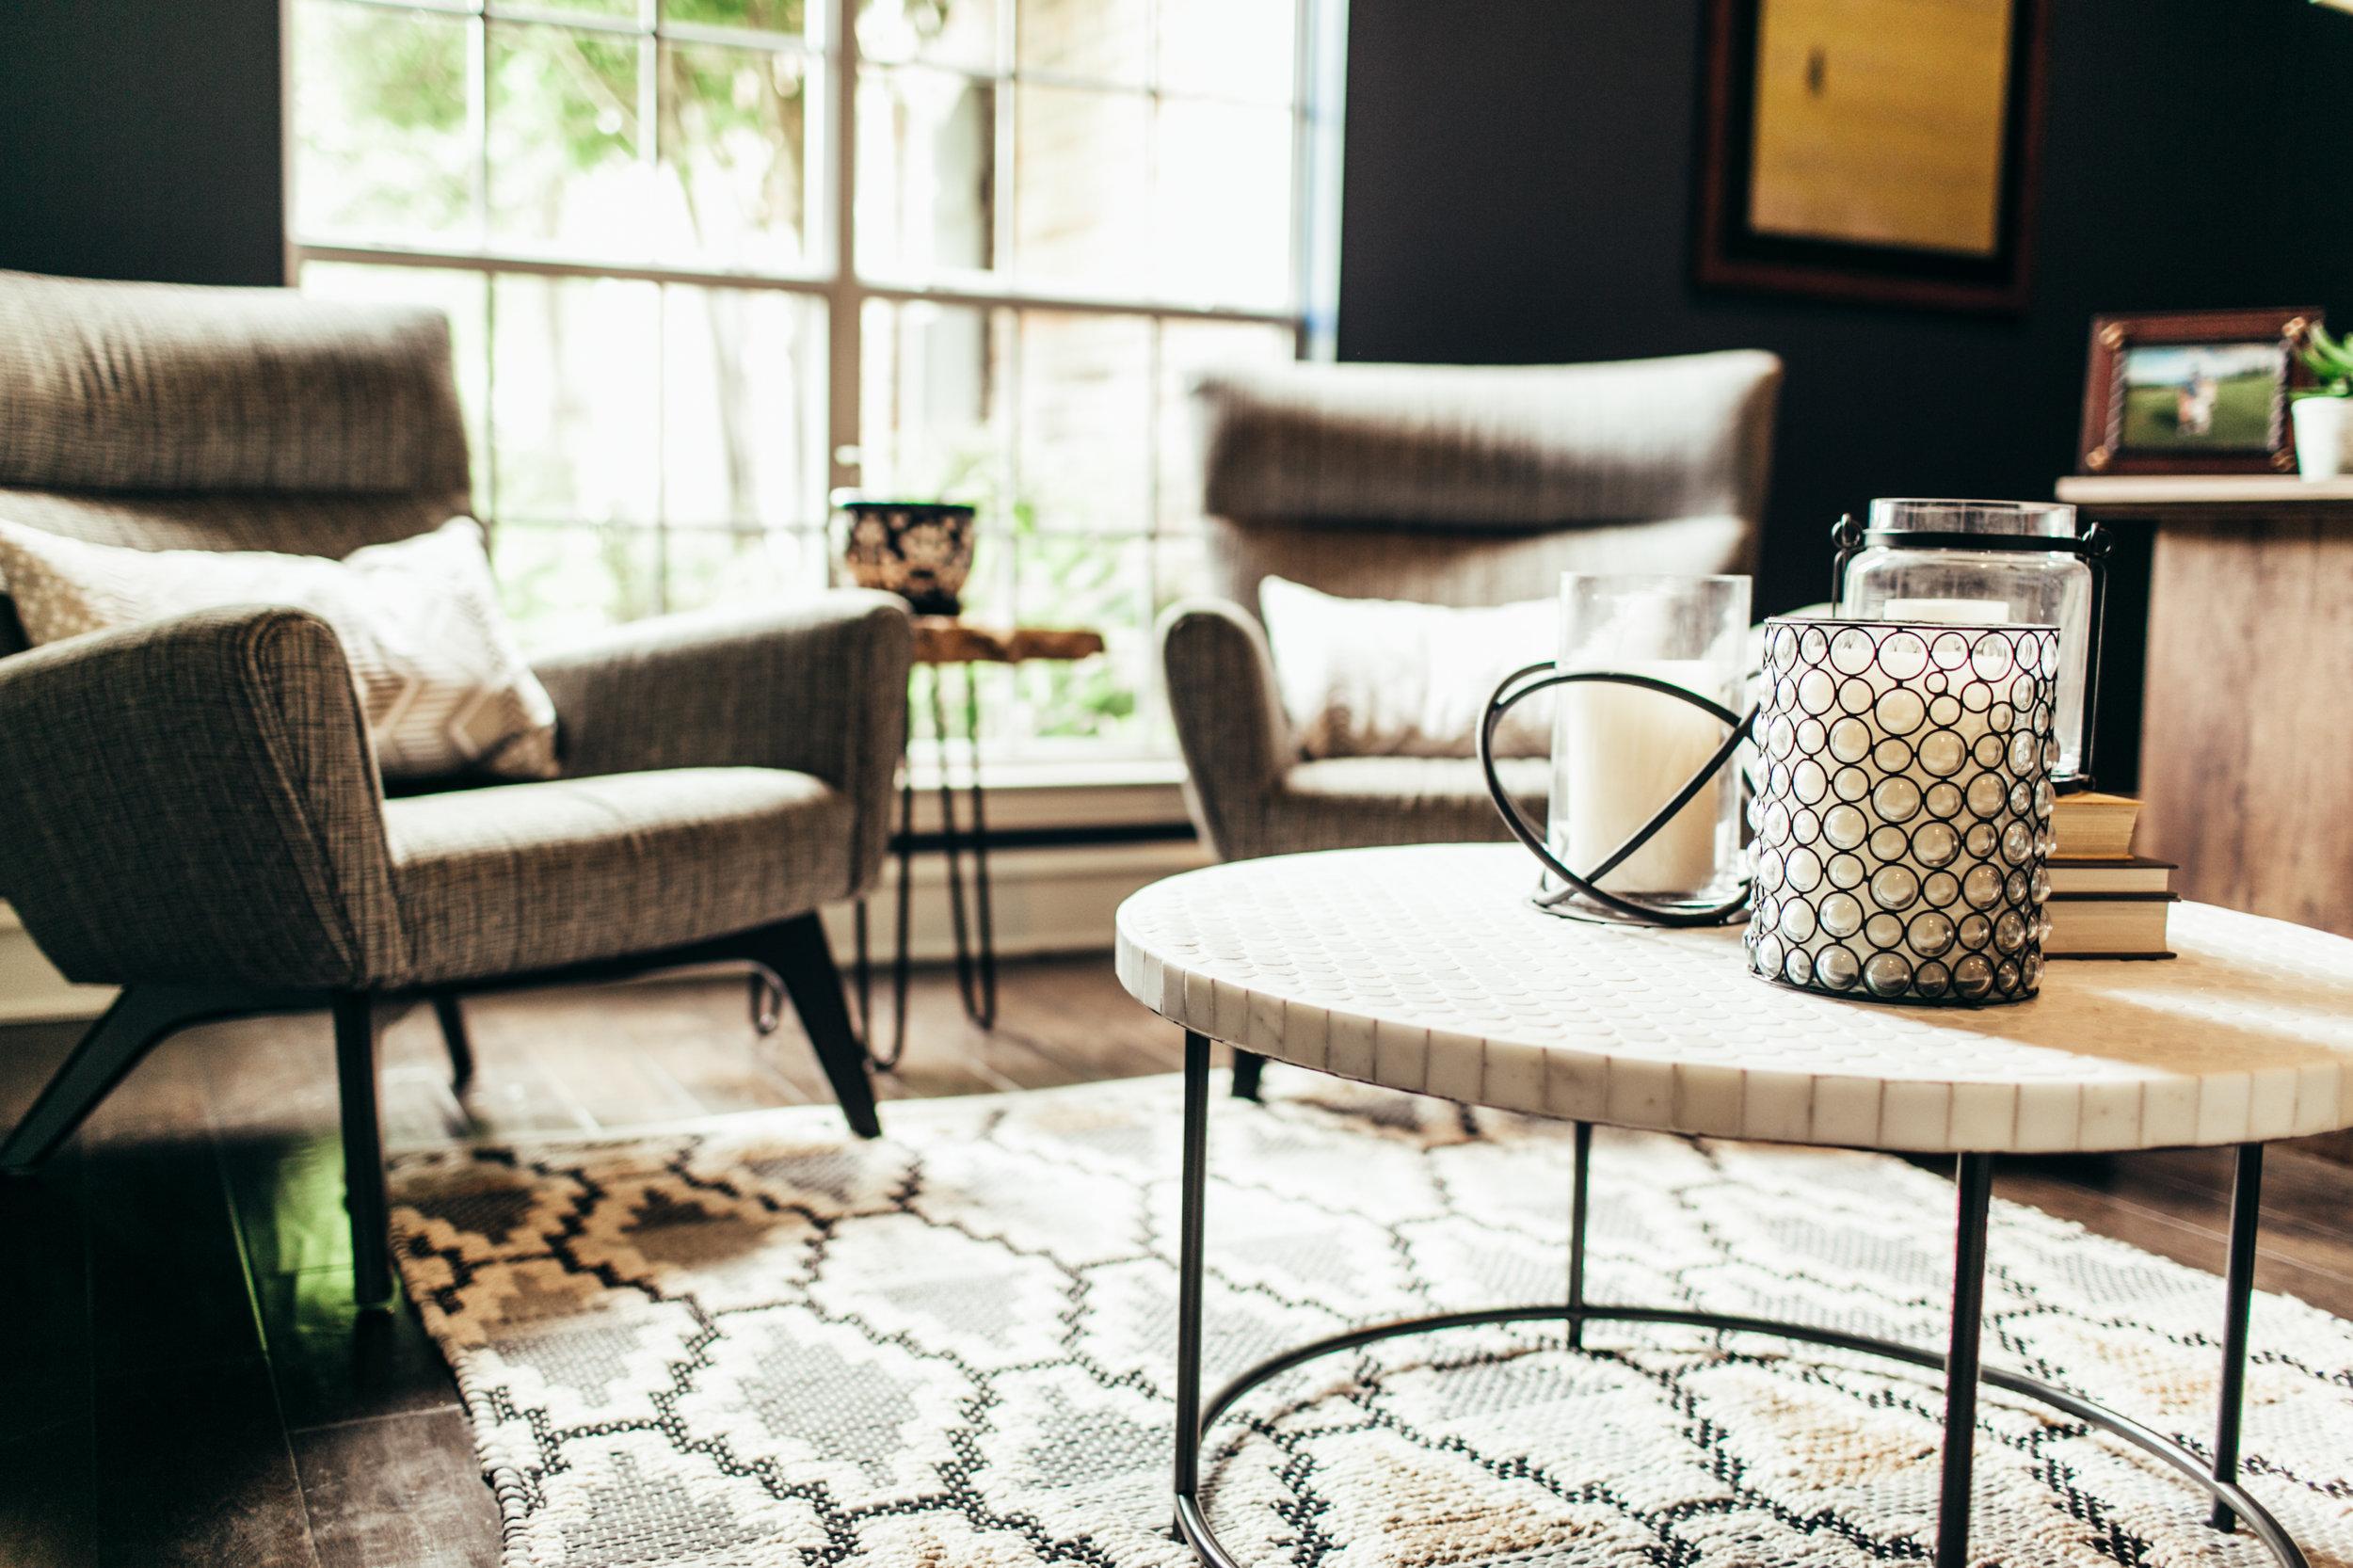 Home Office Design 4.jpg